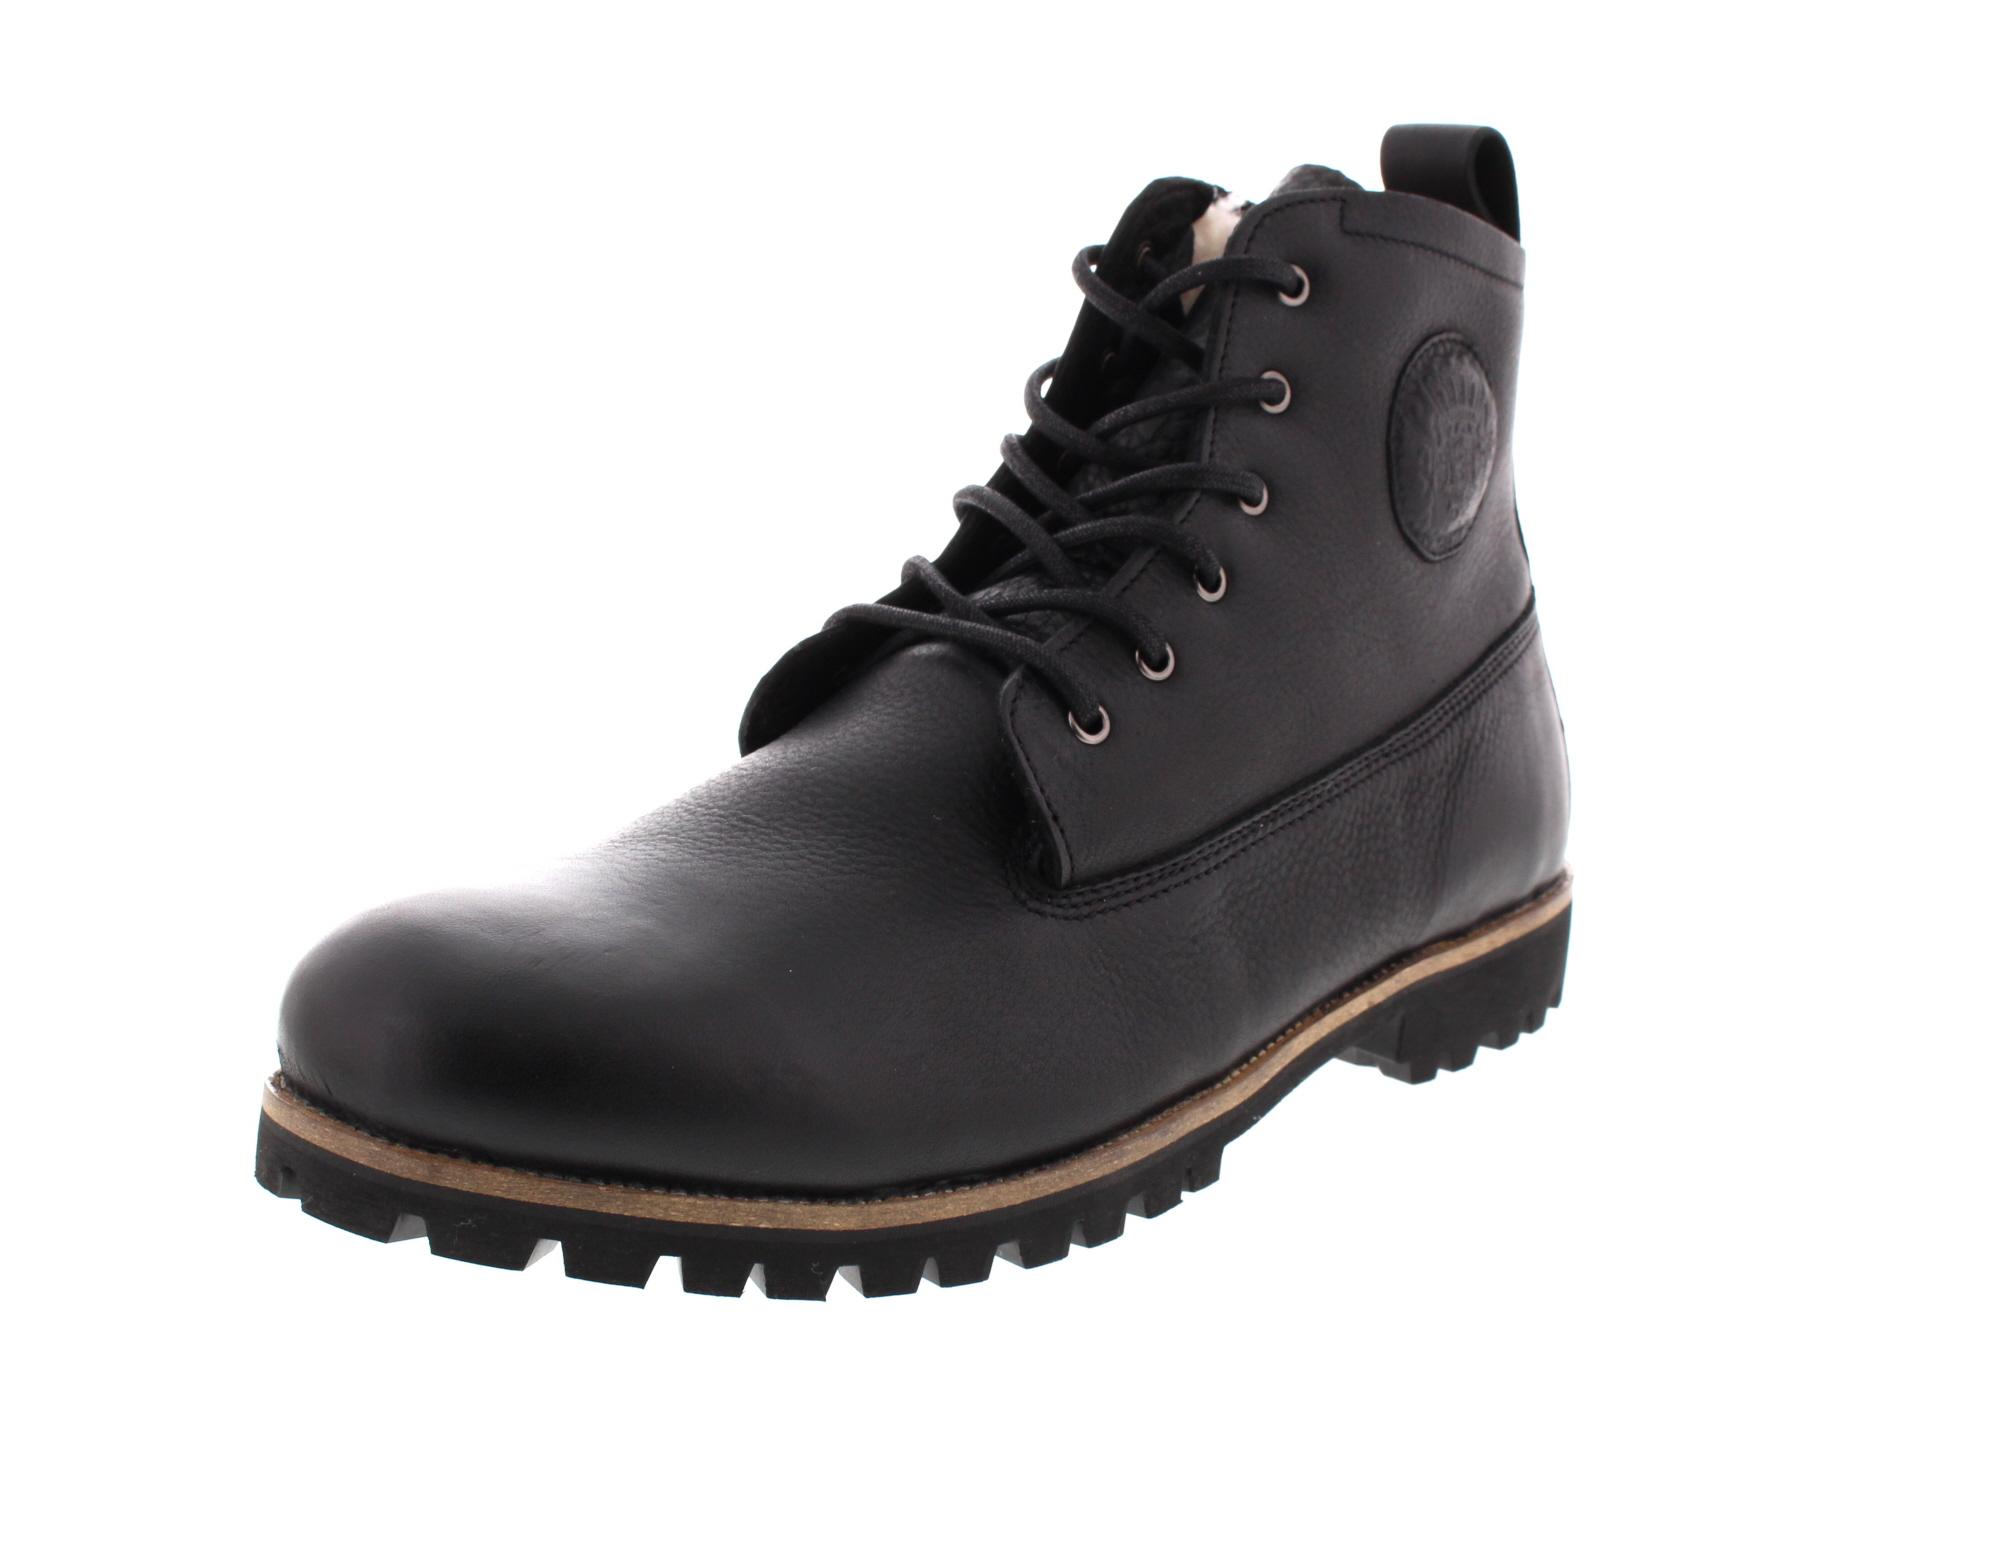 BLACKSTONE in Übergröße - gefütterte Boots OM60 - black